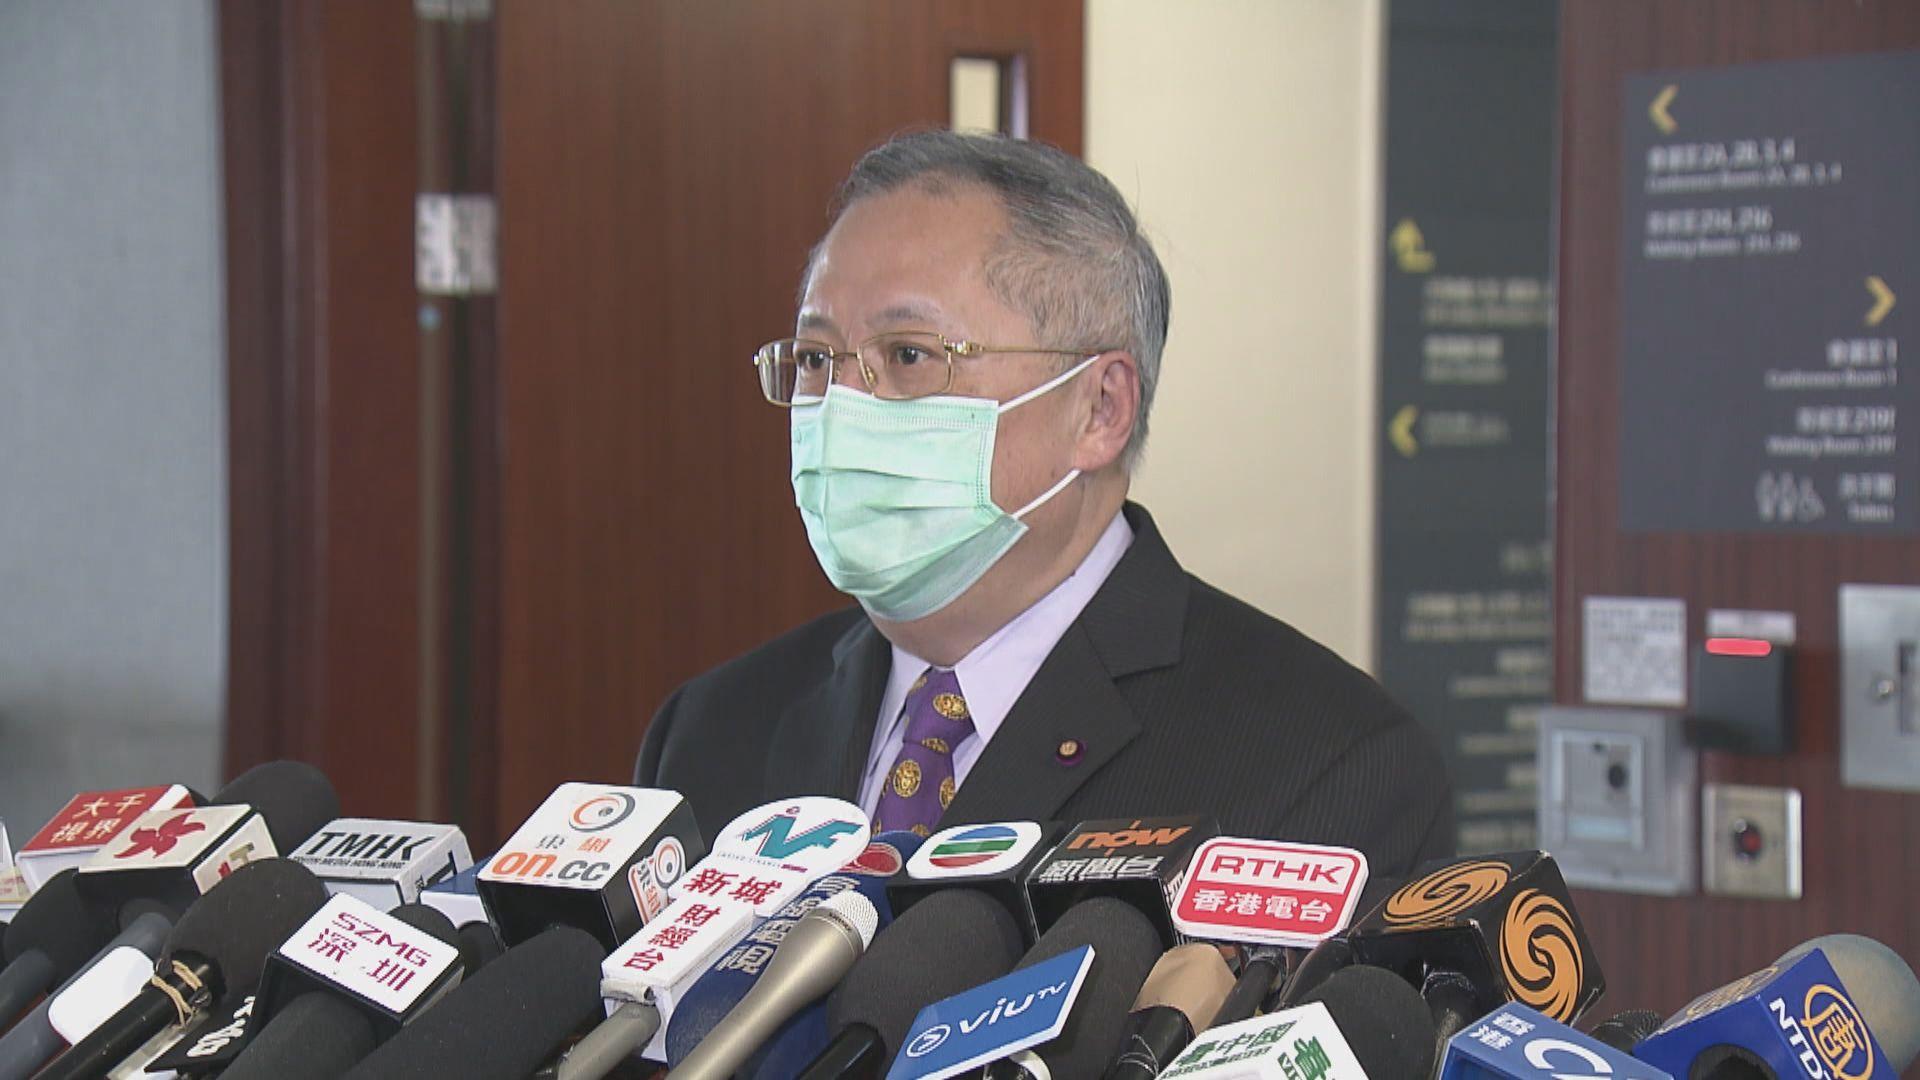 張宇人︰對政府延長規管食肆的防疫措施感失望